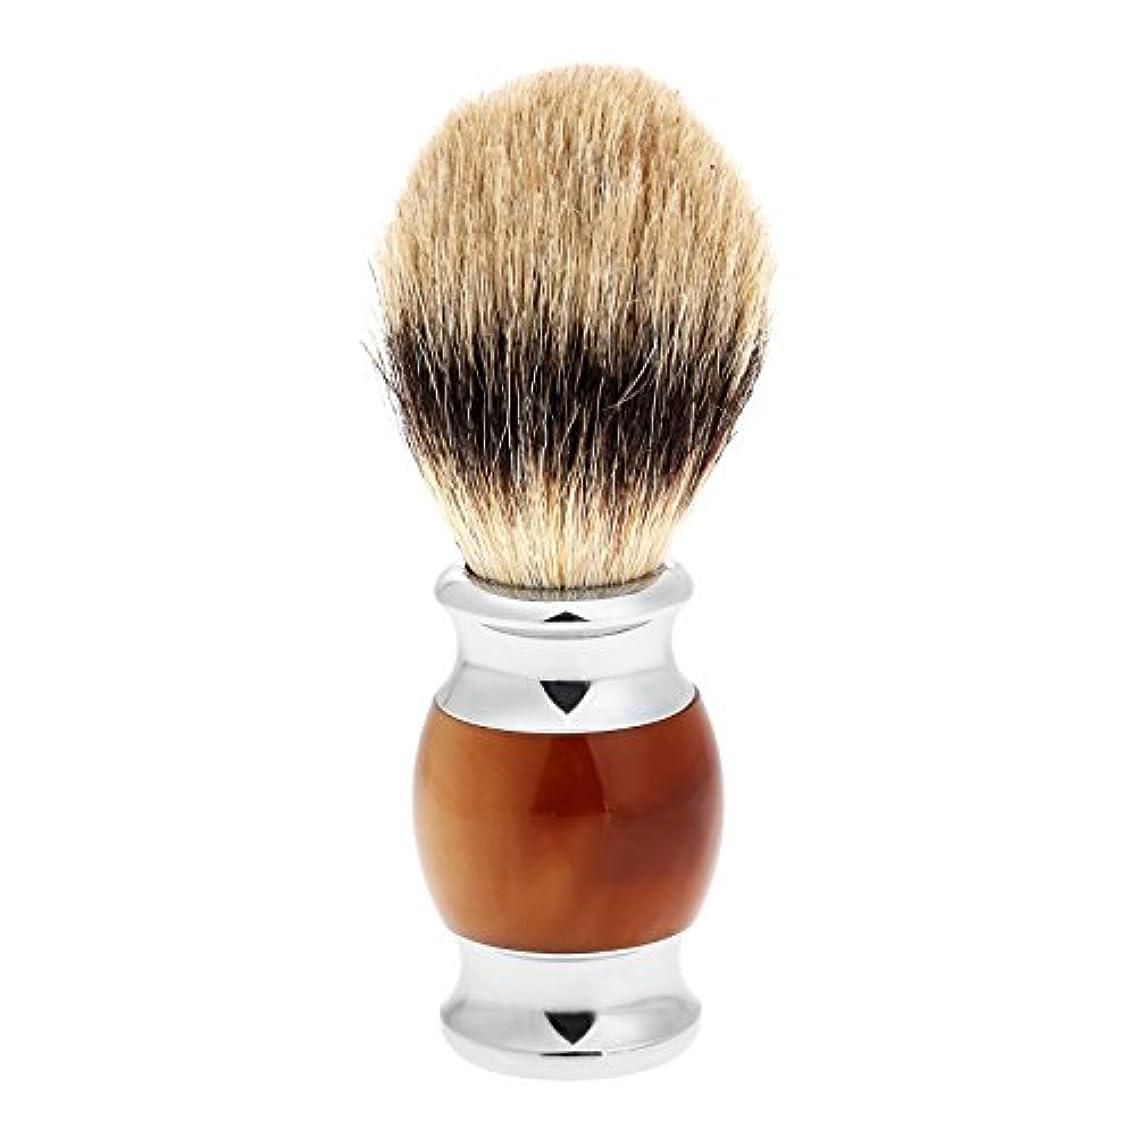 スイッチモニターほのめかす1PC メンズ ひげブラシ アナグマ毛 シェービングブラシ バーバー シェービング用ブラシ 理容 洗顔 髭剃り